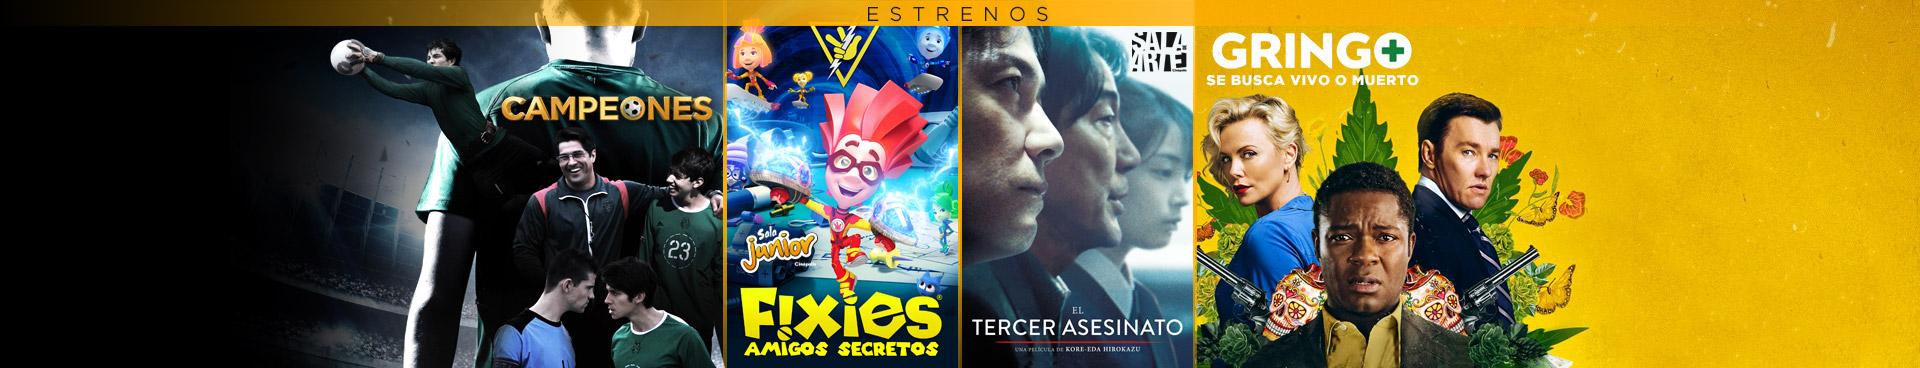 Estrenos: (Campeones / Gringo / Fixies / El Tercer Asesinato)